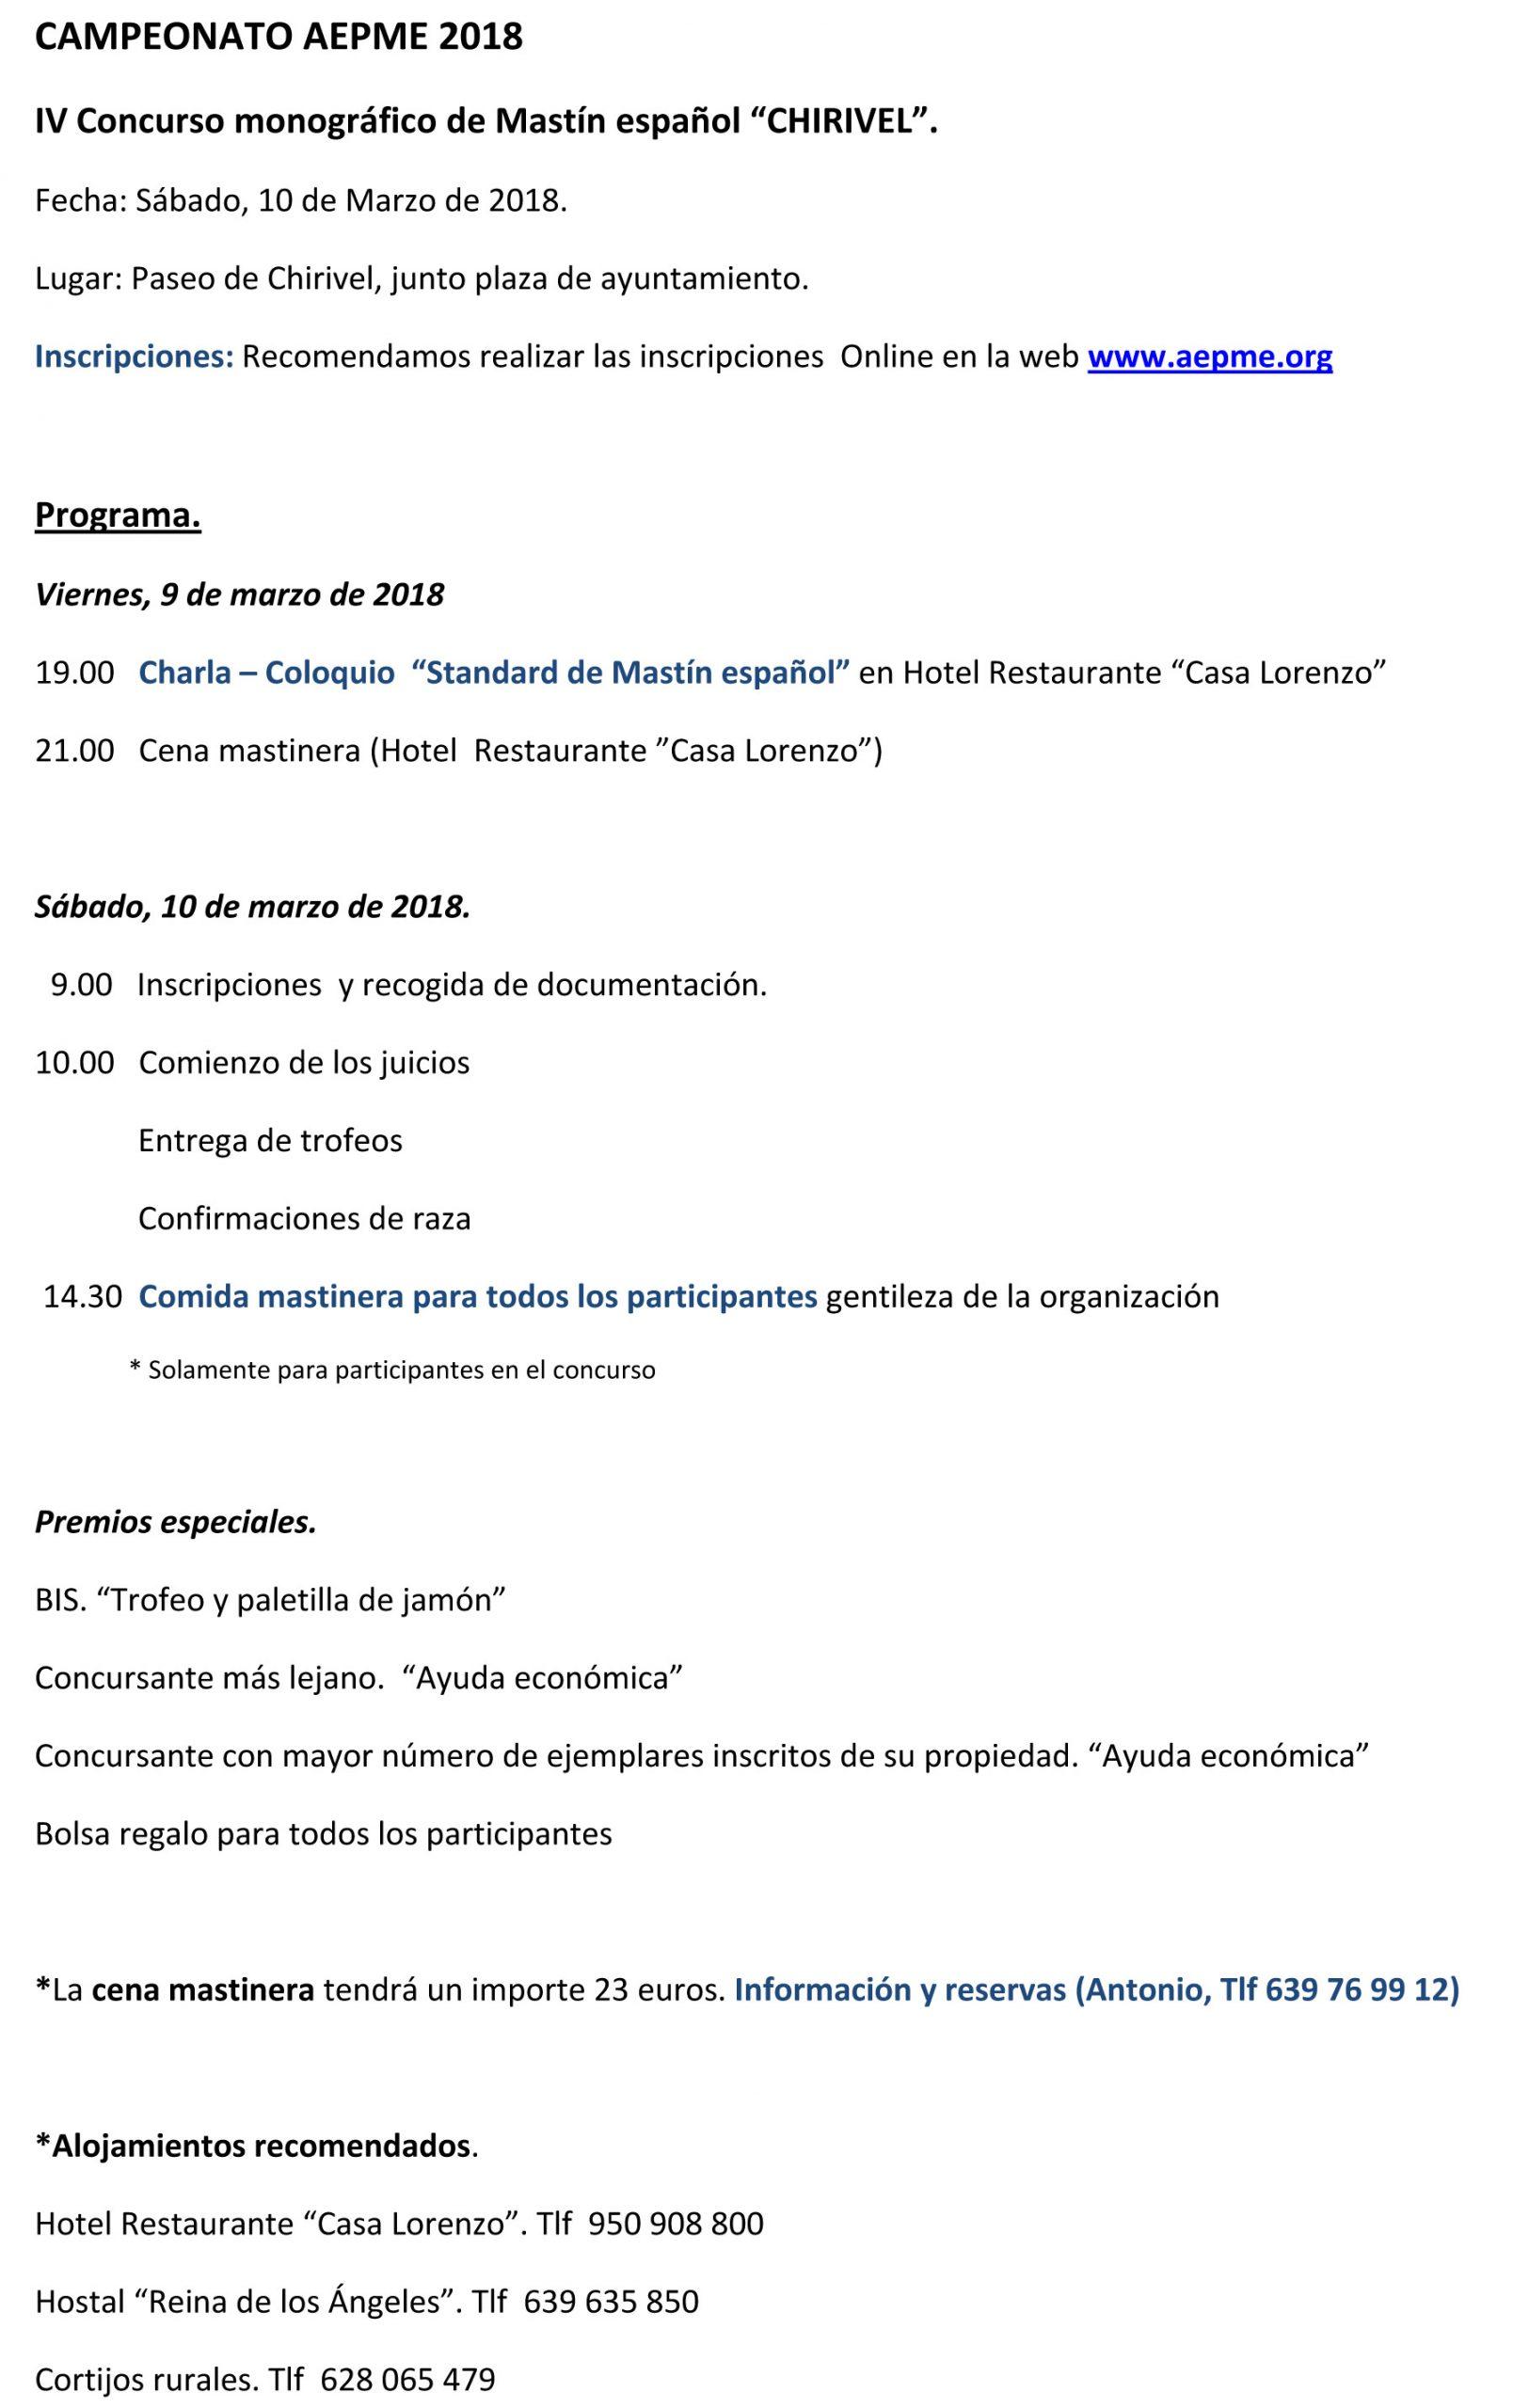 Programa Concurso Chirivel 2018